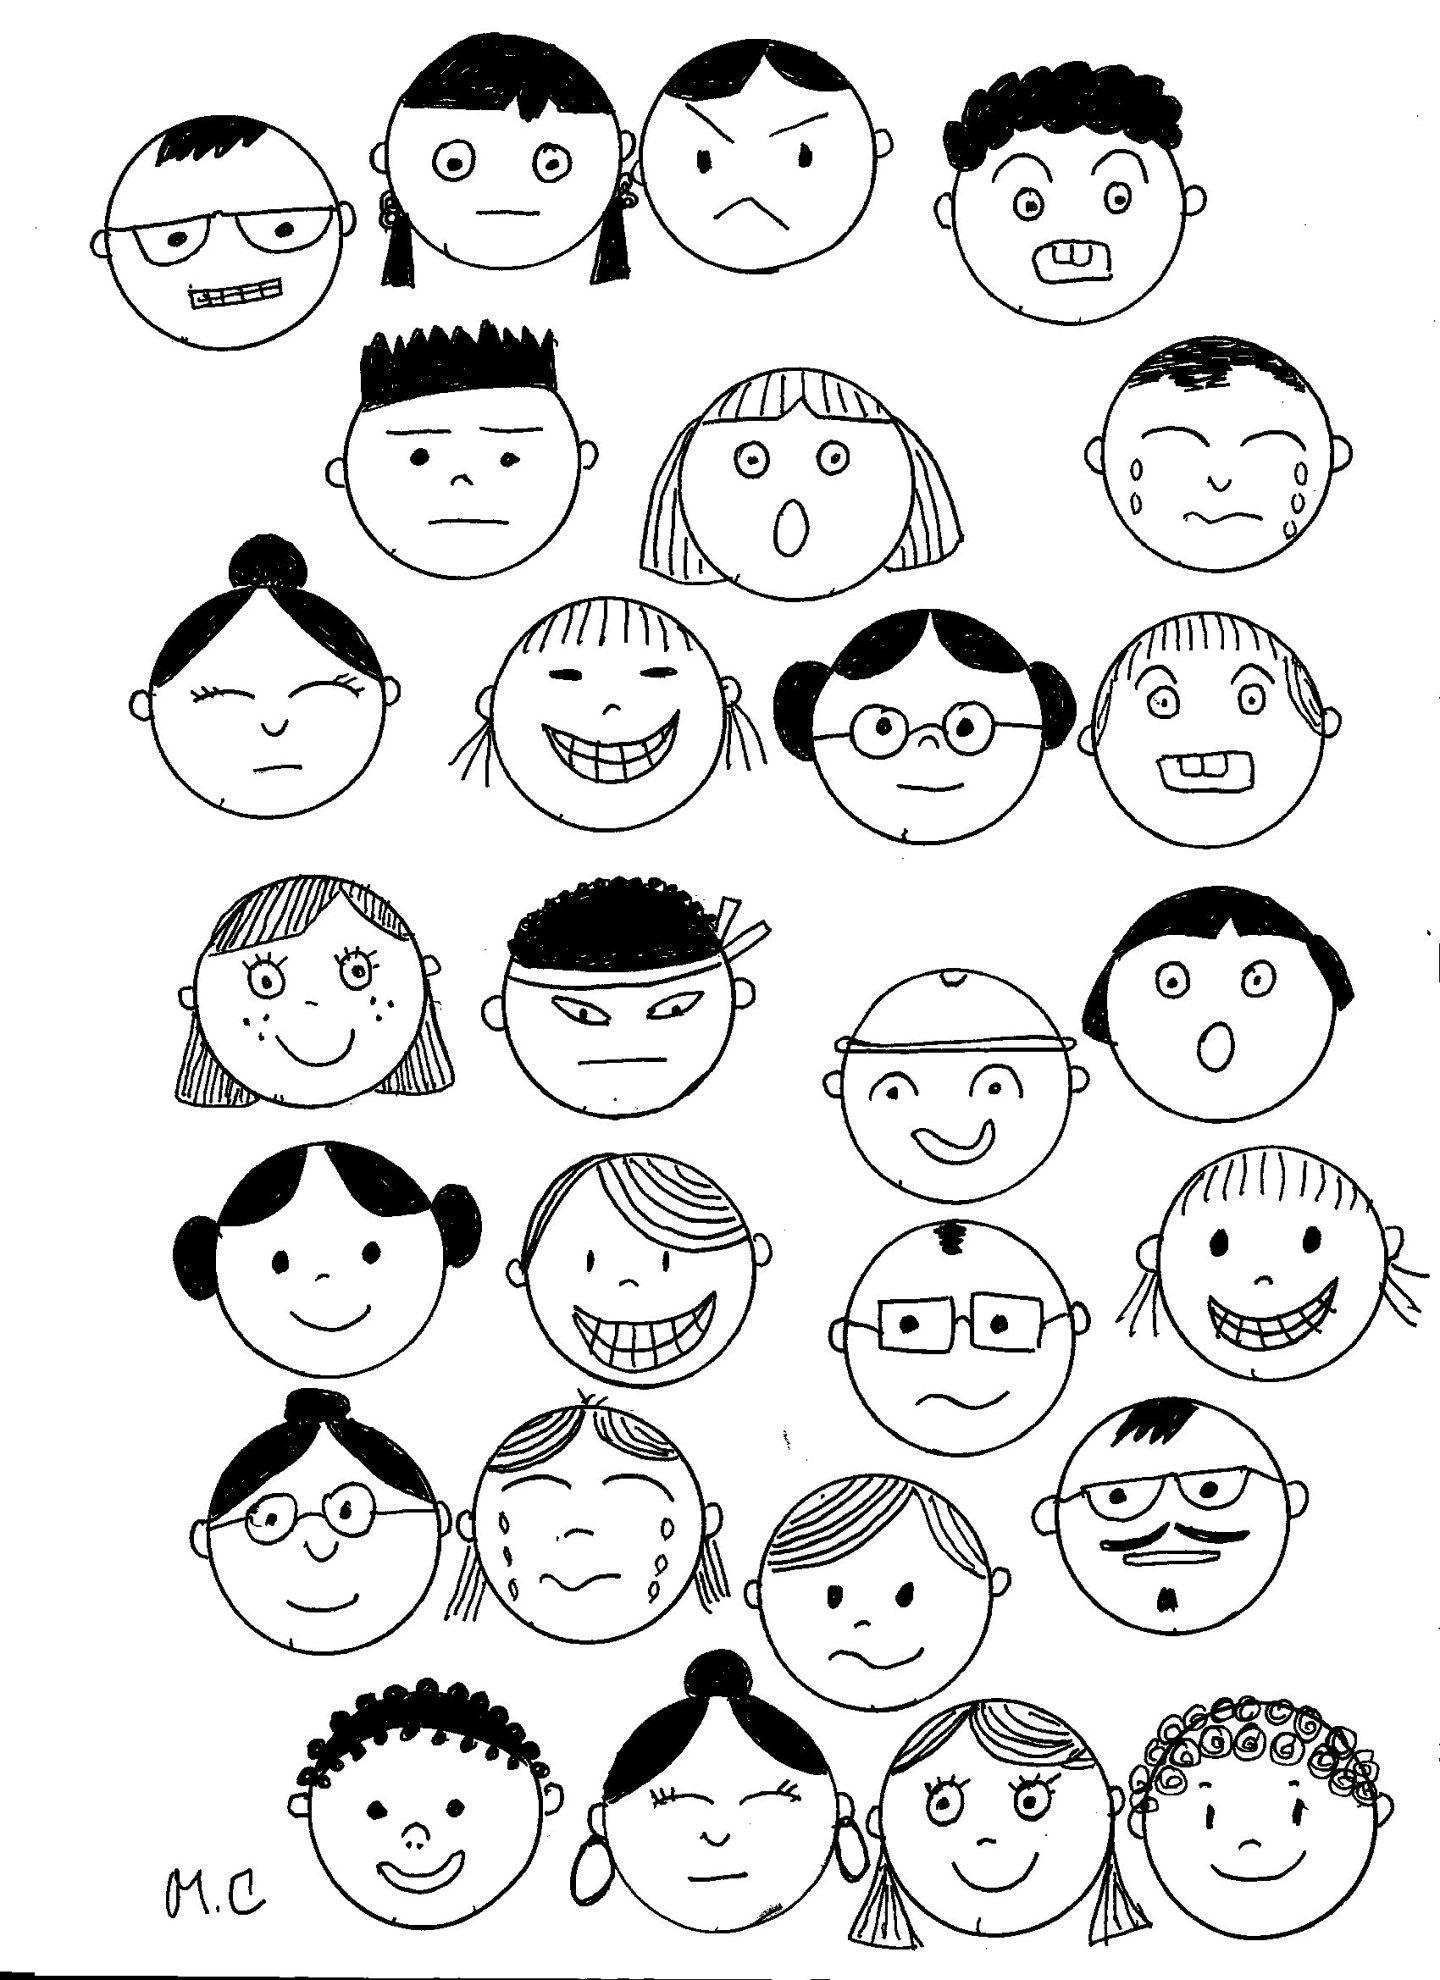 Детские рисунки смешных рожиц